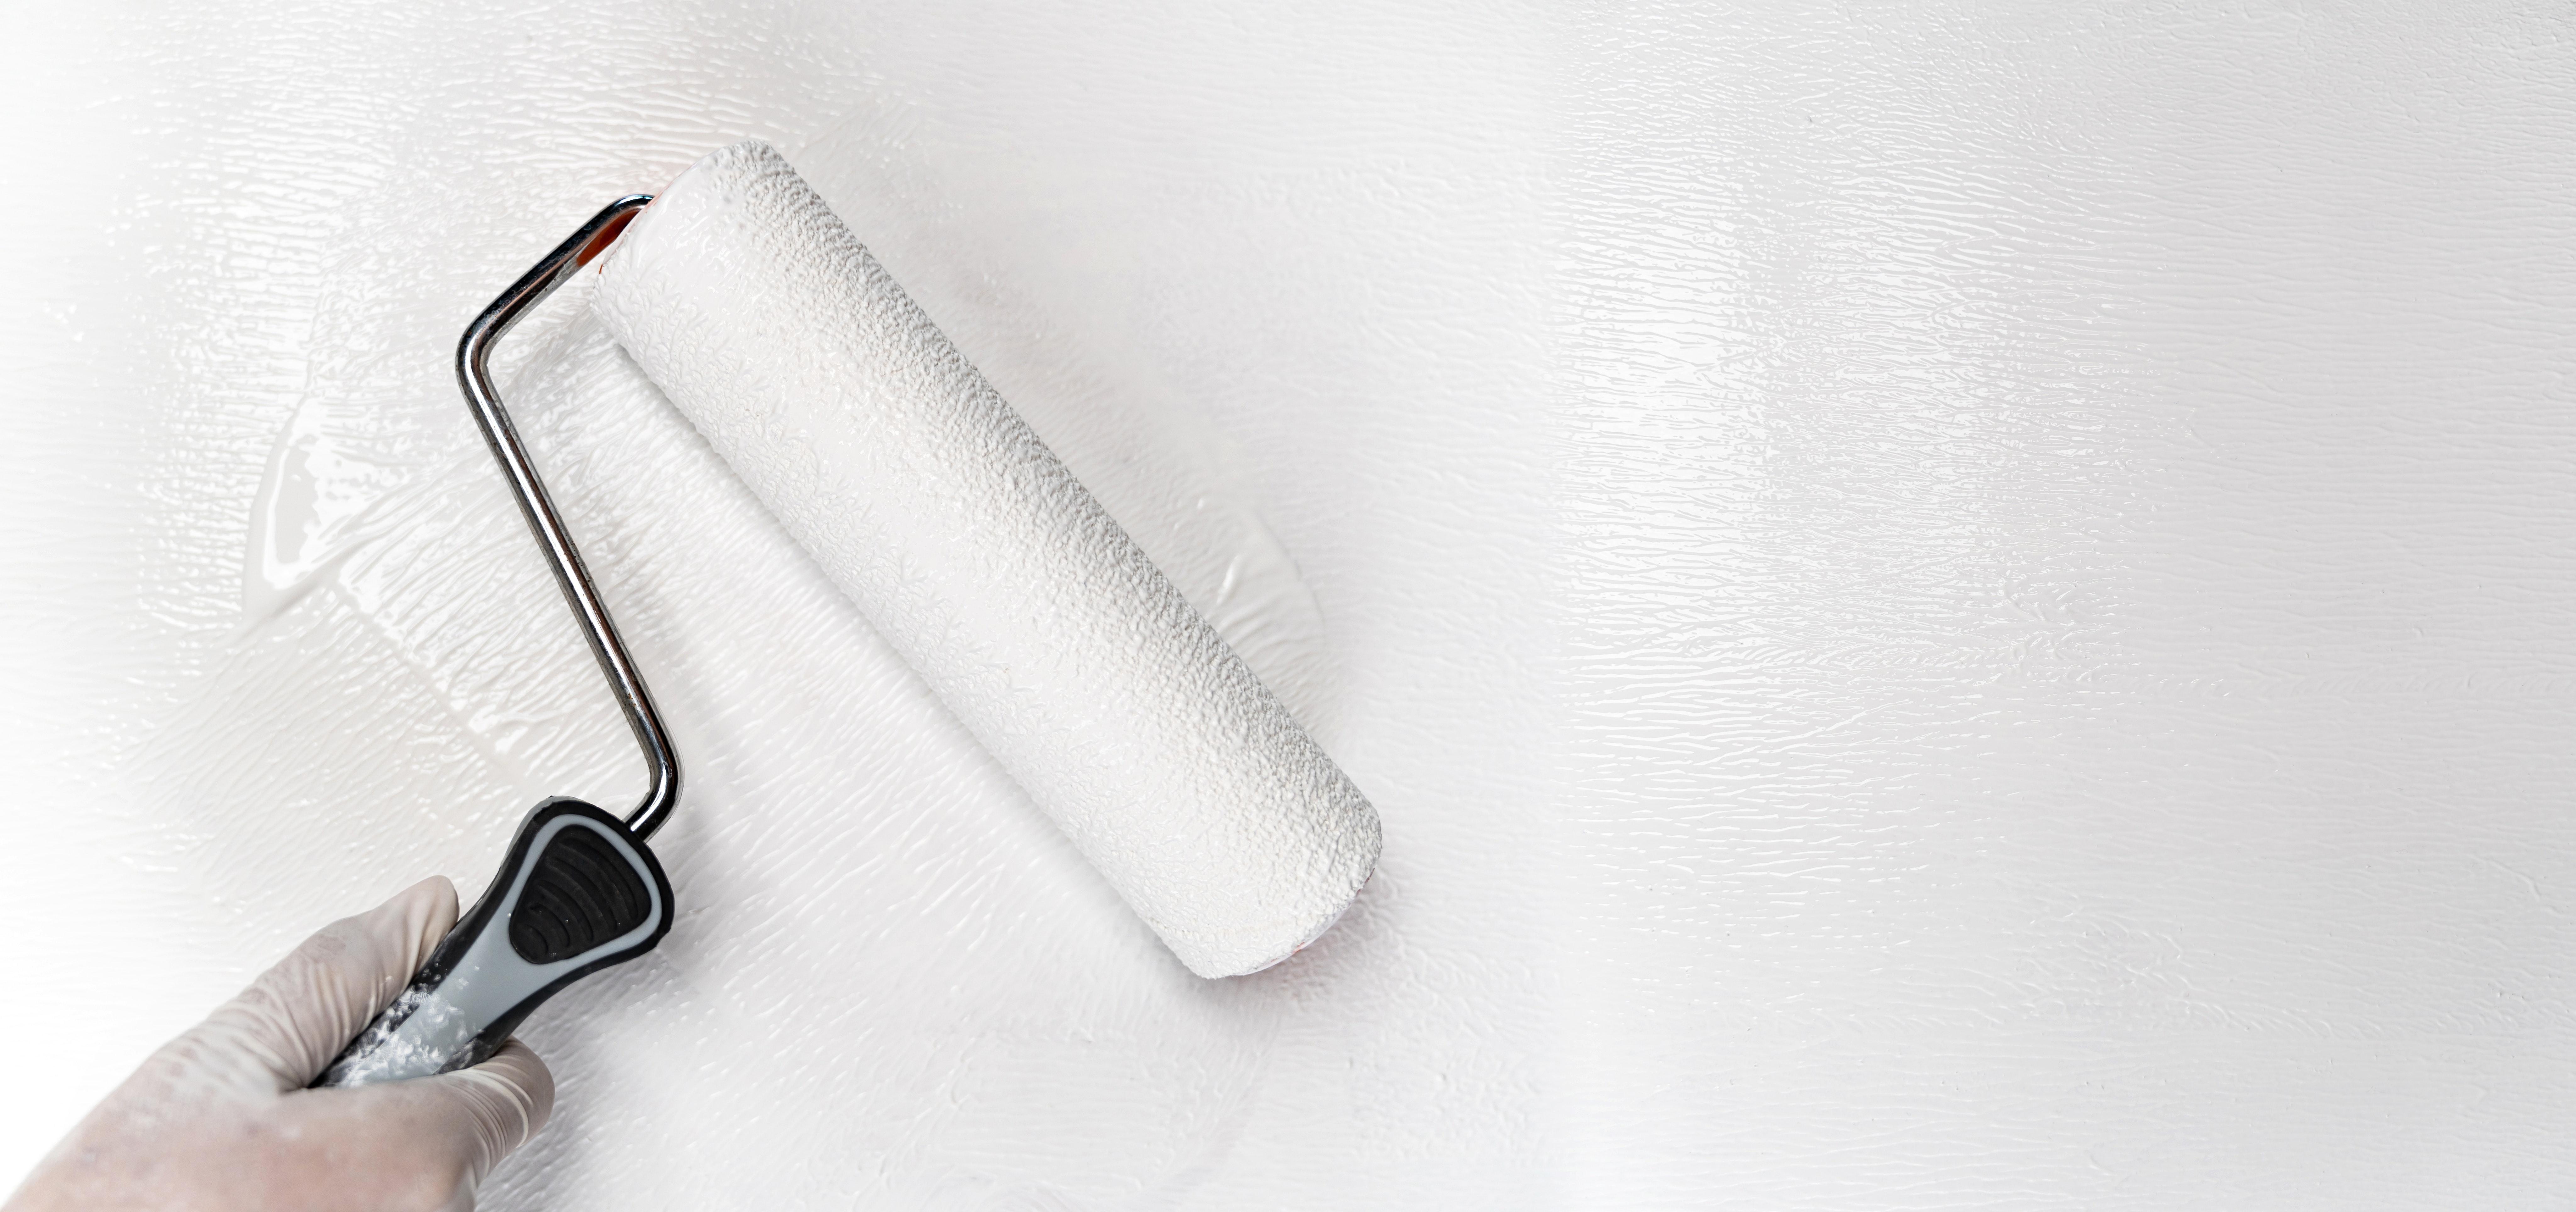 Физики разработали самую белую краску в мире | Postnews